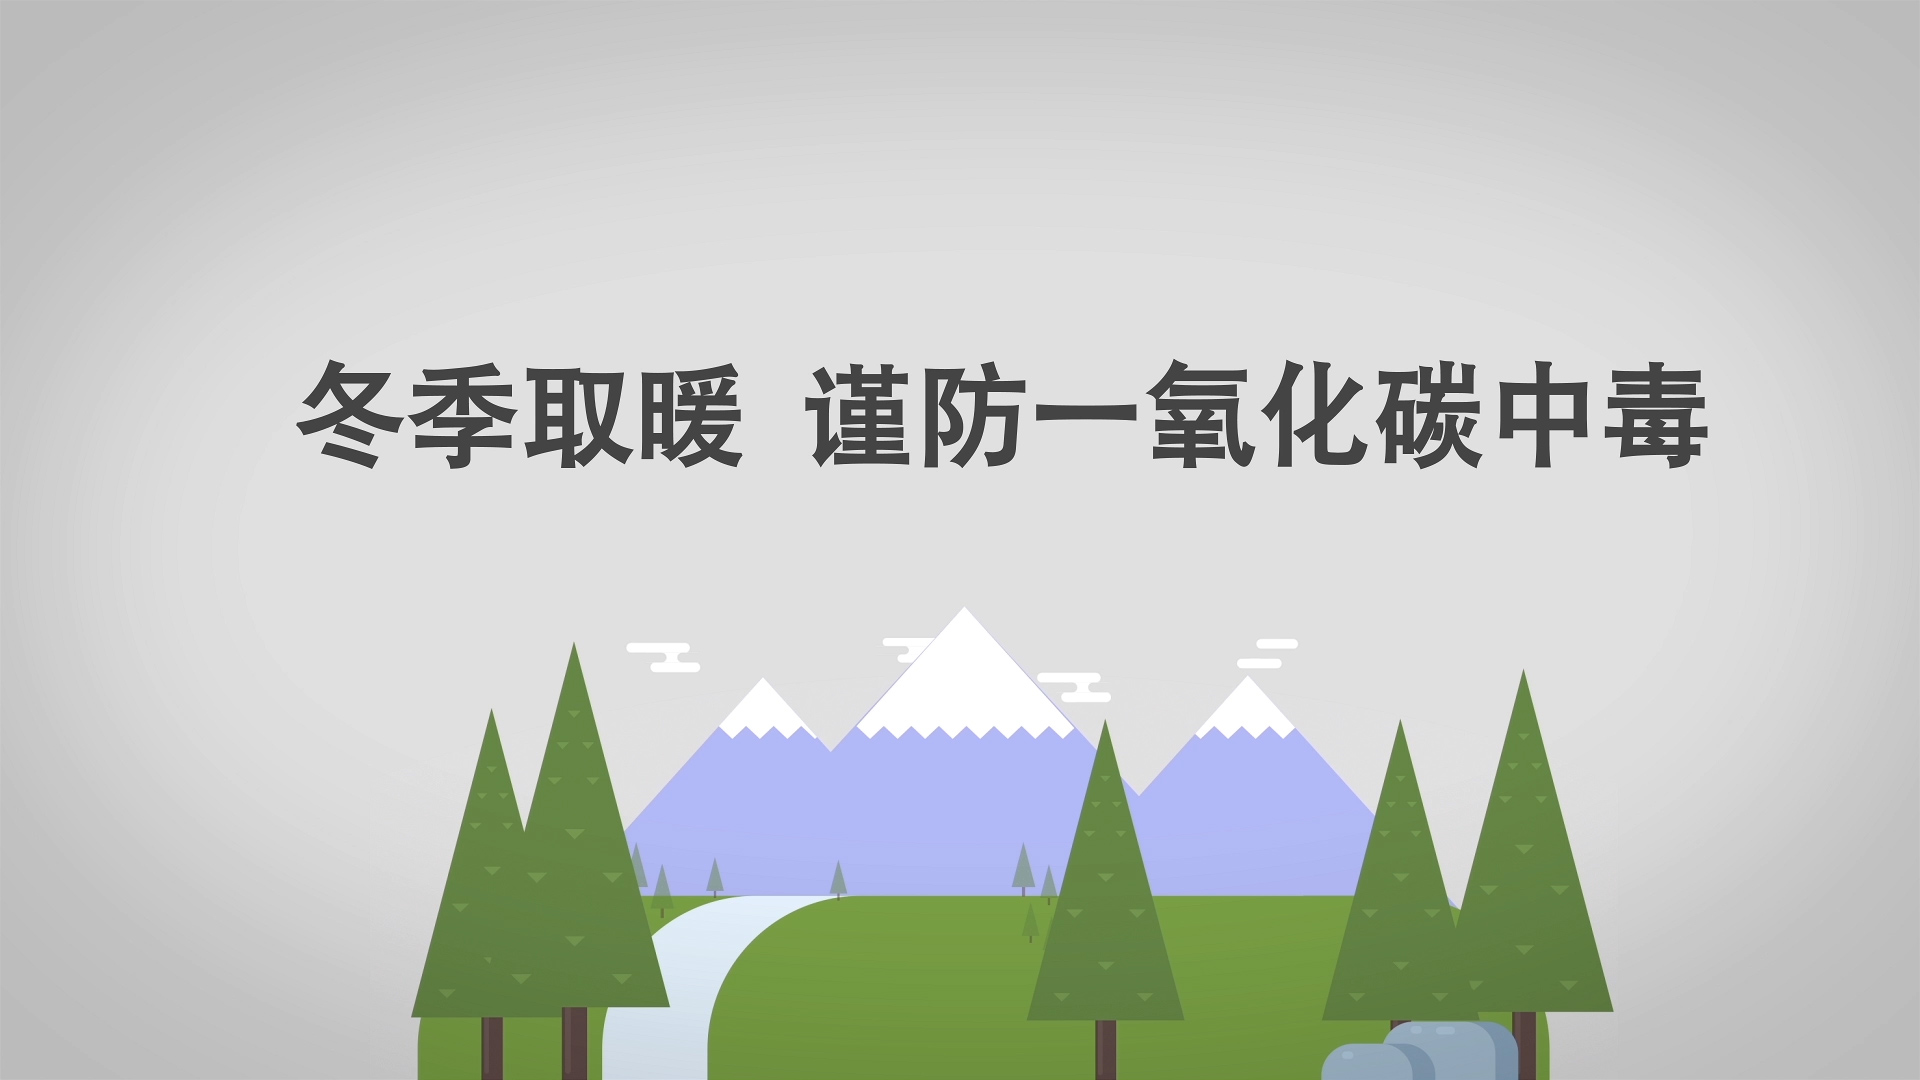 33秒短视频教你冬季取暖如何防范一氧化碳中毒